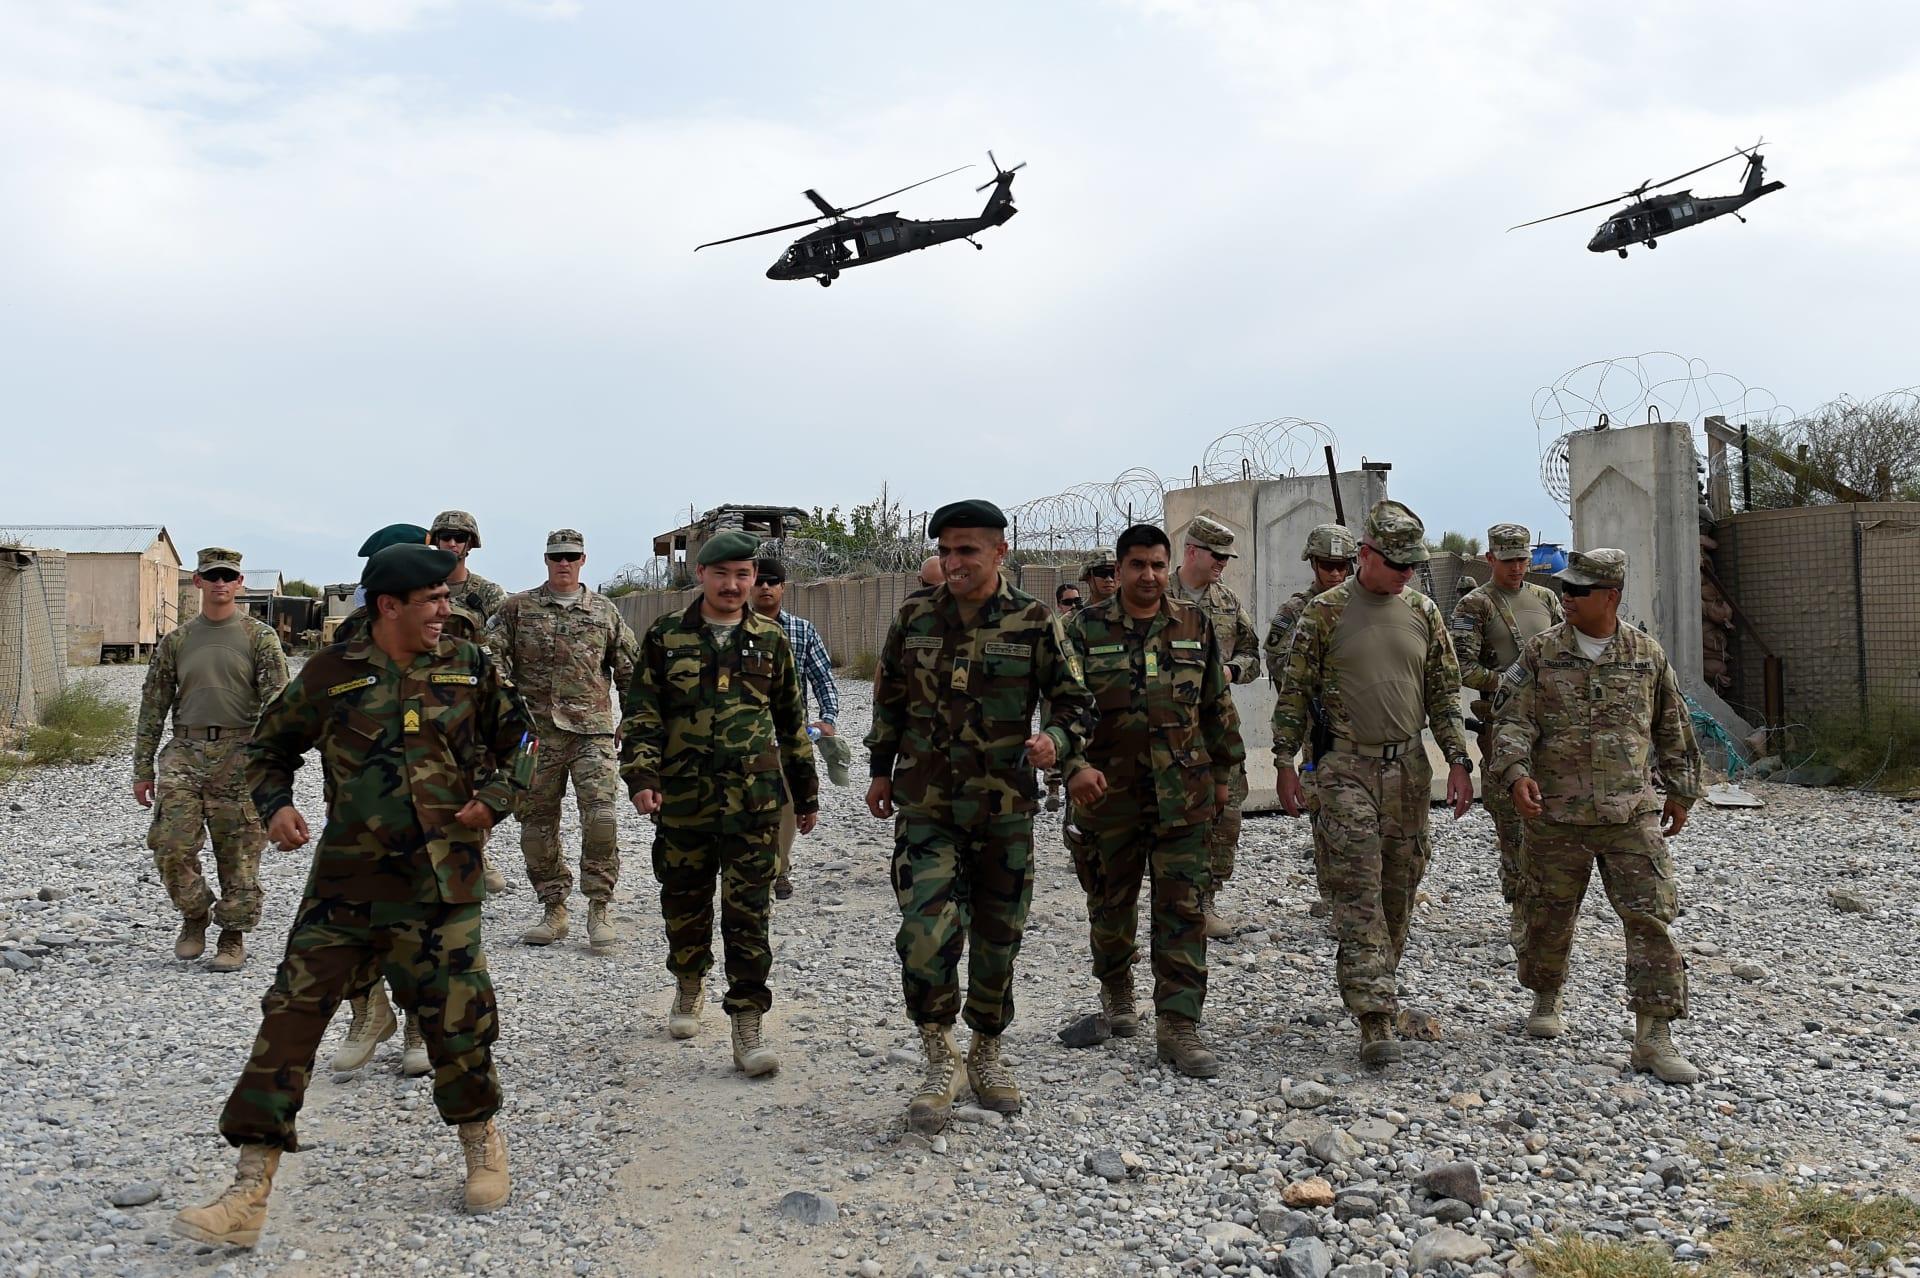 البنتاغون تؤكد انسحاب أمريكا من 5 قواعد عسكرية في أفغانستان بموجب اتفاق مع طالبان